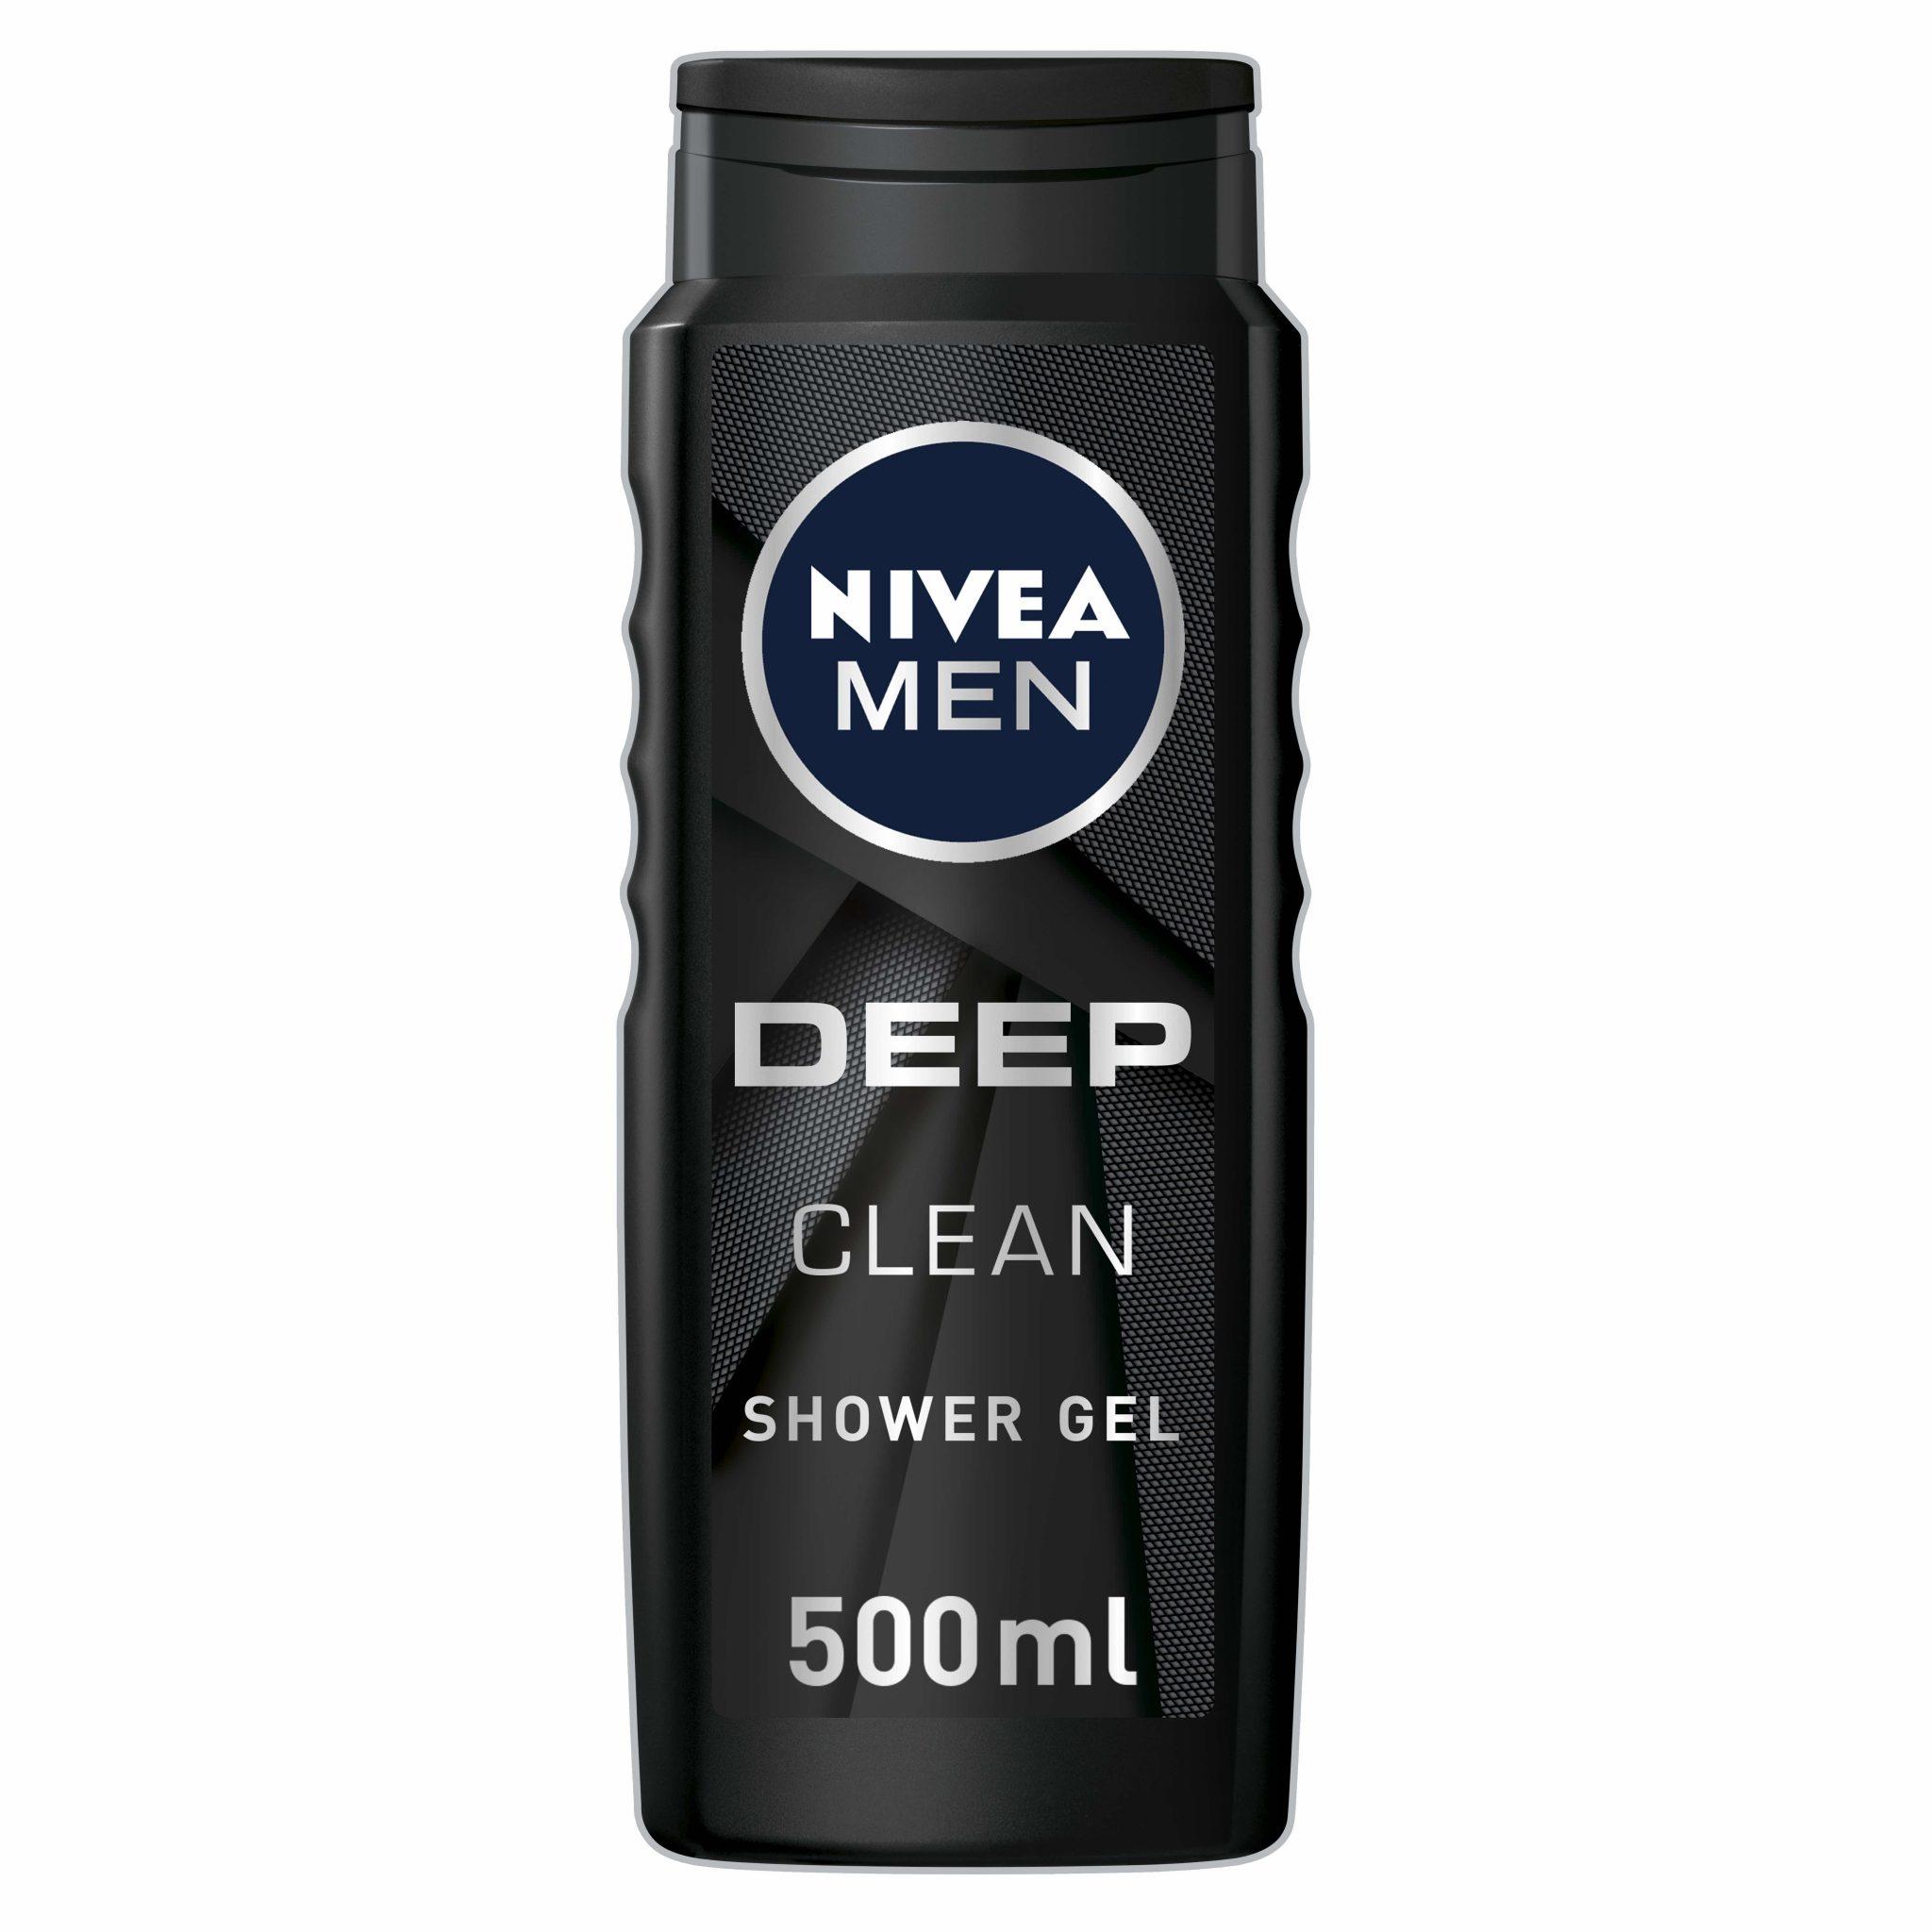 NM+Deep+Shower+Gel+500ml+Clean